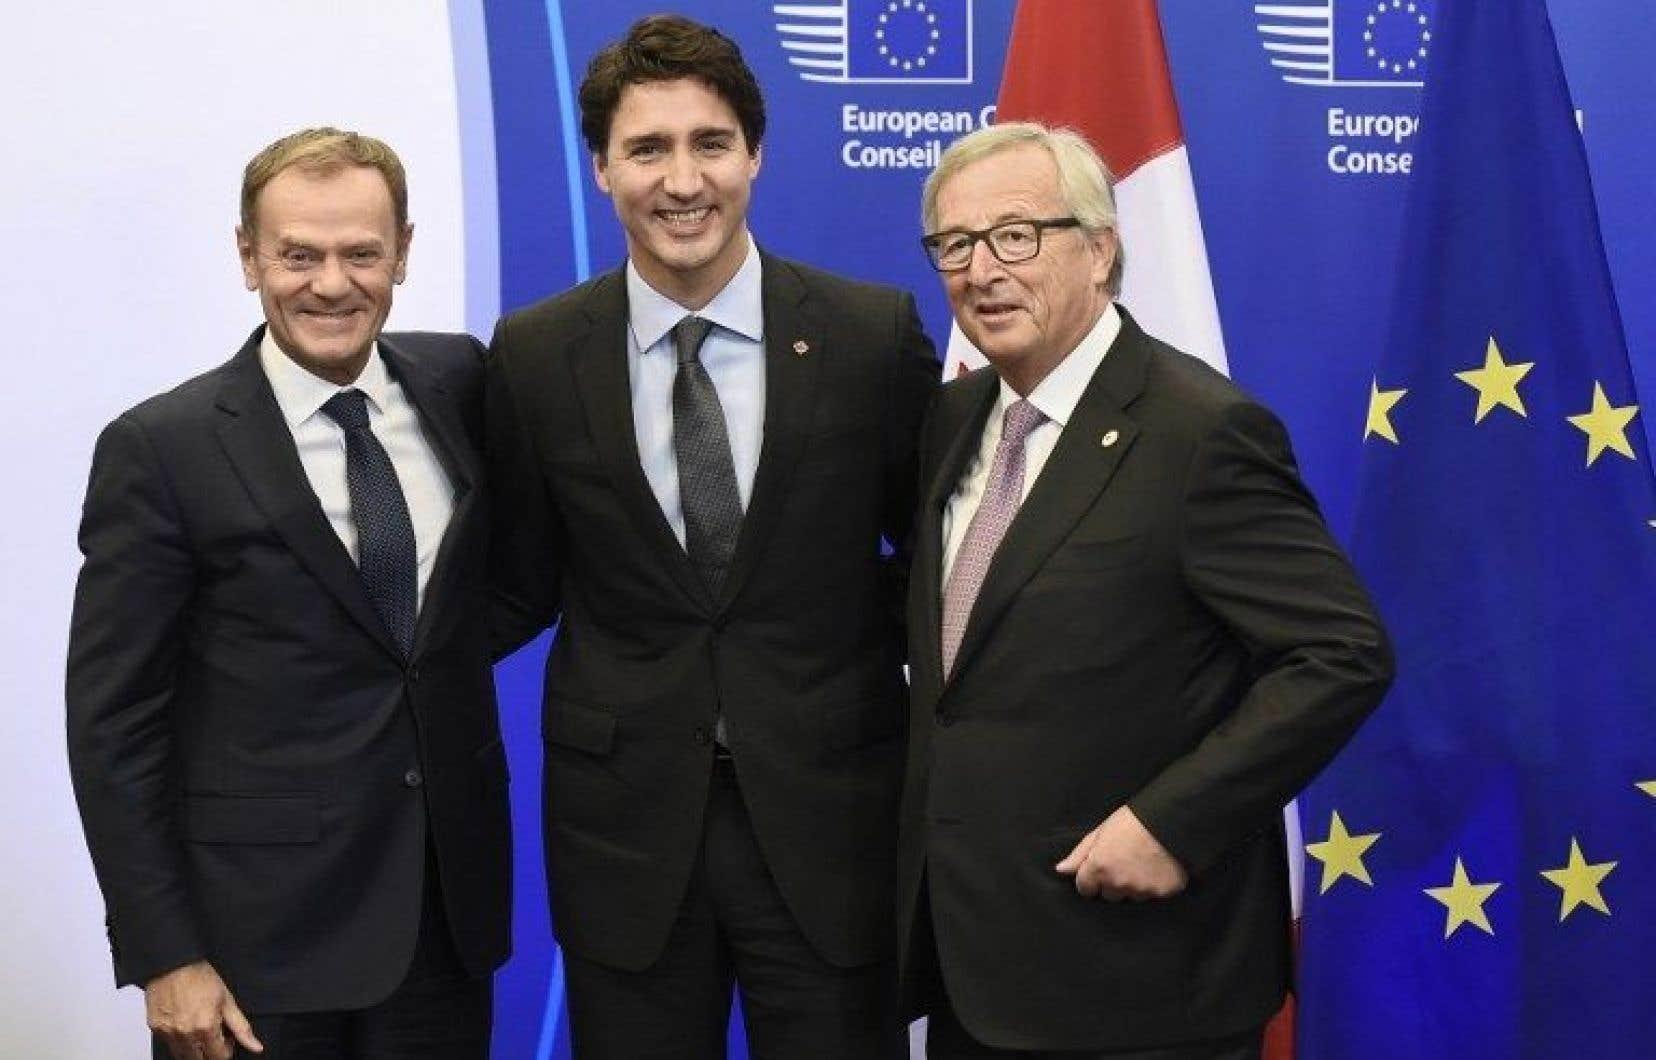 Le président du Conseil européen, Donald Tusk (à gauche), le premier ministre du Canada, Justin Trudeau, et le président de la Commission européenne, Jean-Claude Juncker